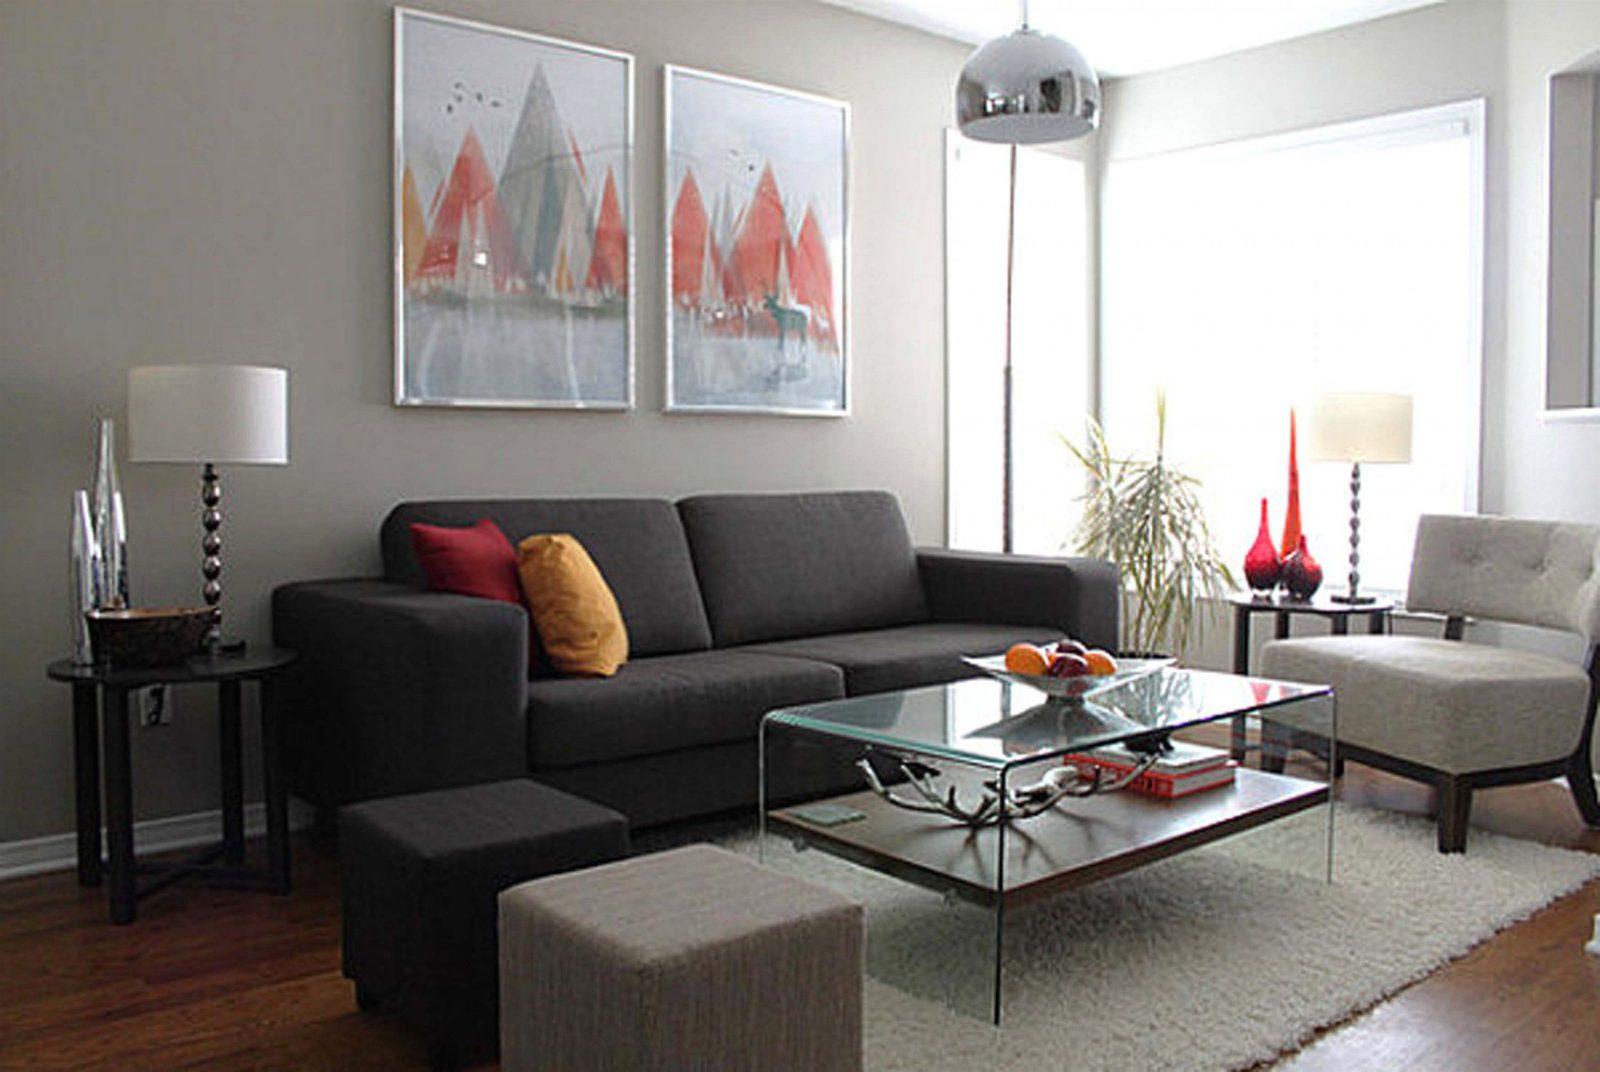 Wohnzimmer Couch Modern Grau Wandfarbe Sofa Schwarz Mit Sessel Im von Anthrazit Couch Wohnzimmer Farbe Photo